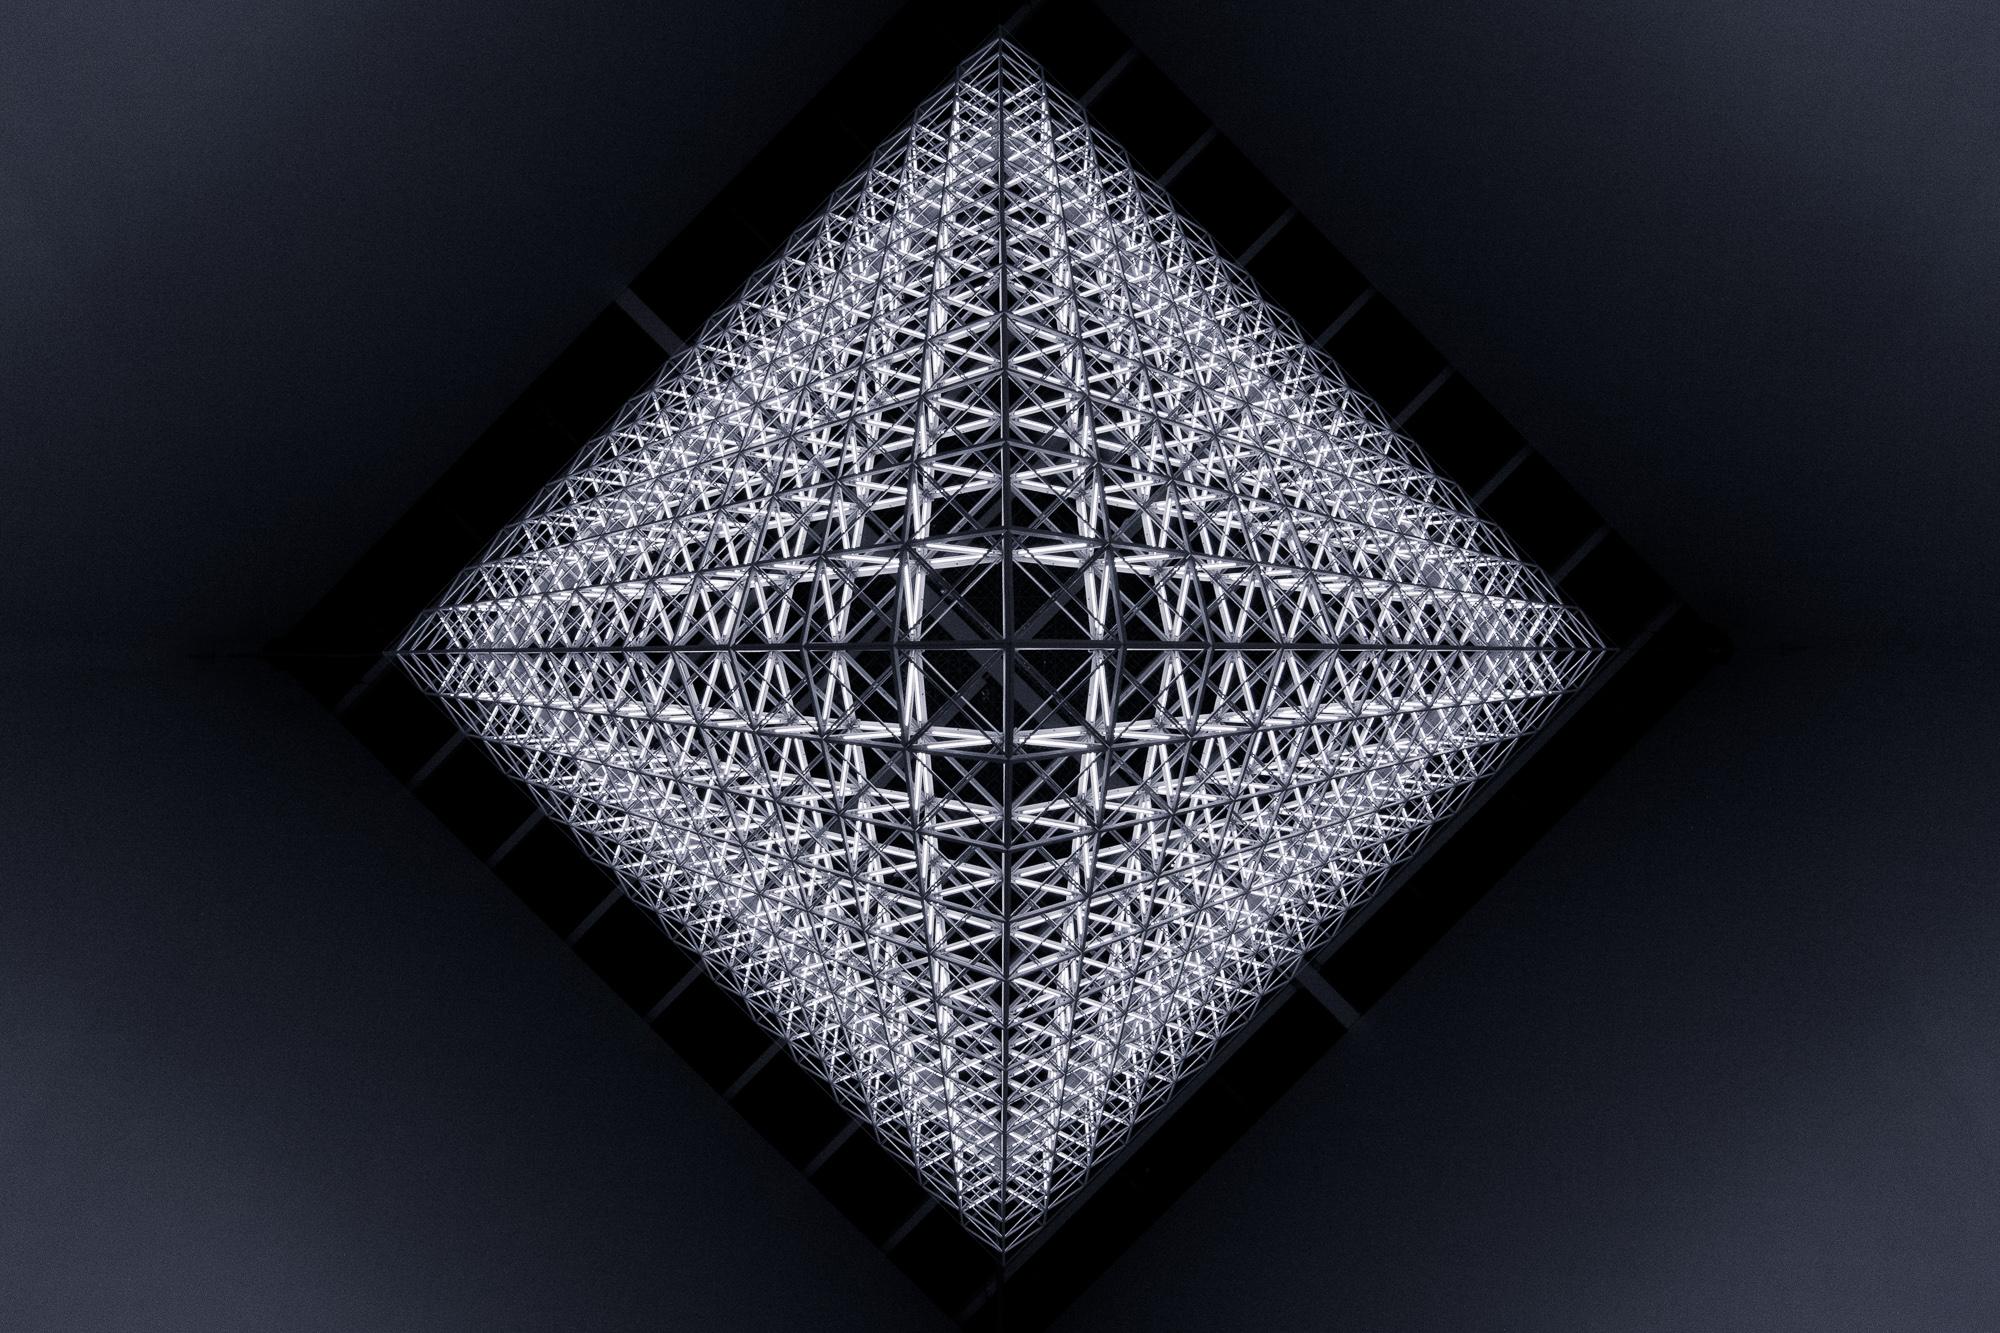 _MG_8478-Edit.jpg